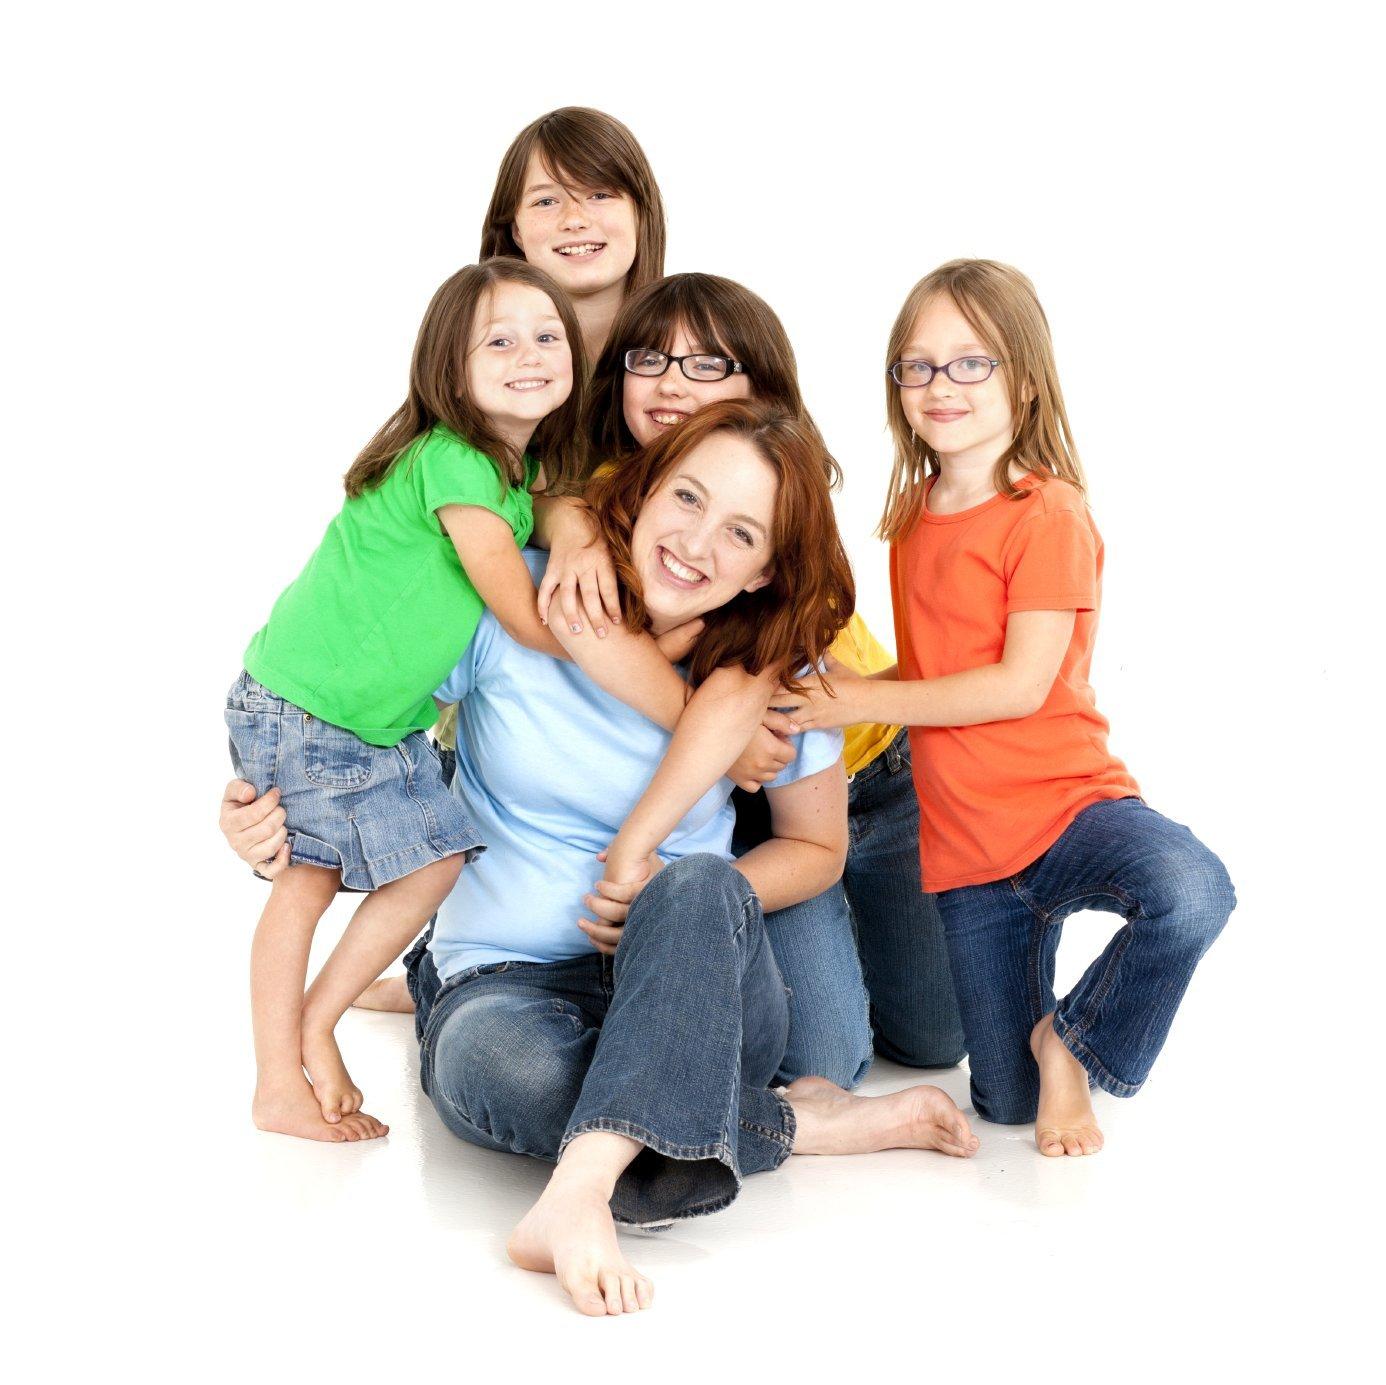 Увольнение многодетной матери: процедура, документы, образцы